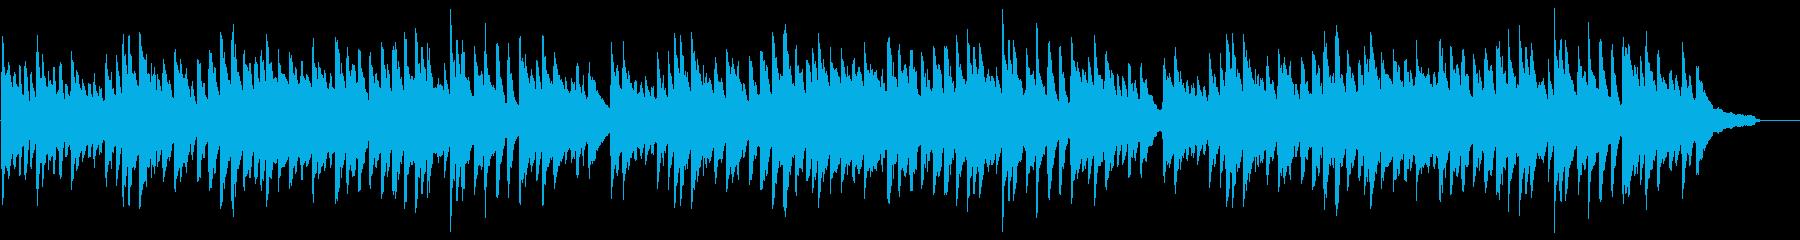 「ふるさと」ピアノ伴奏 ト長調の再生済みの波形